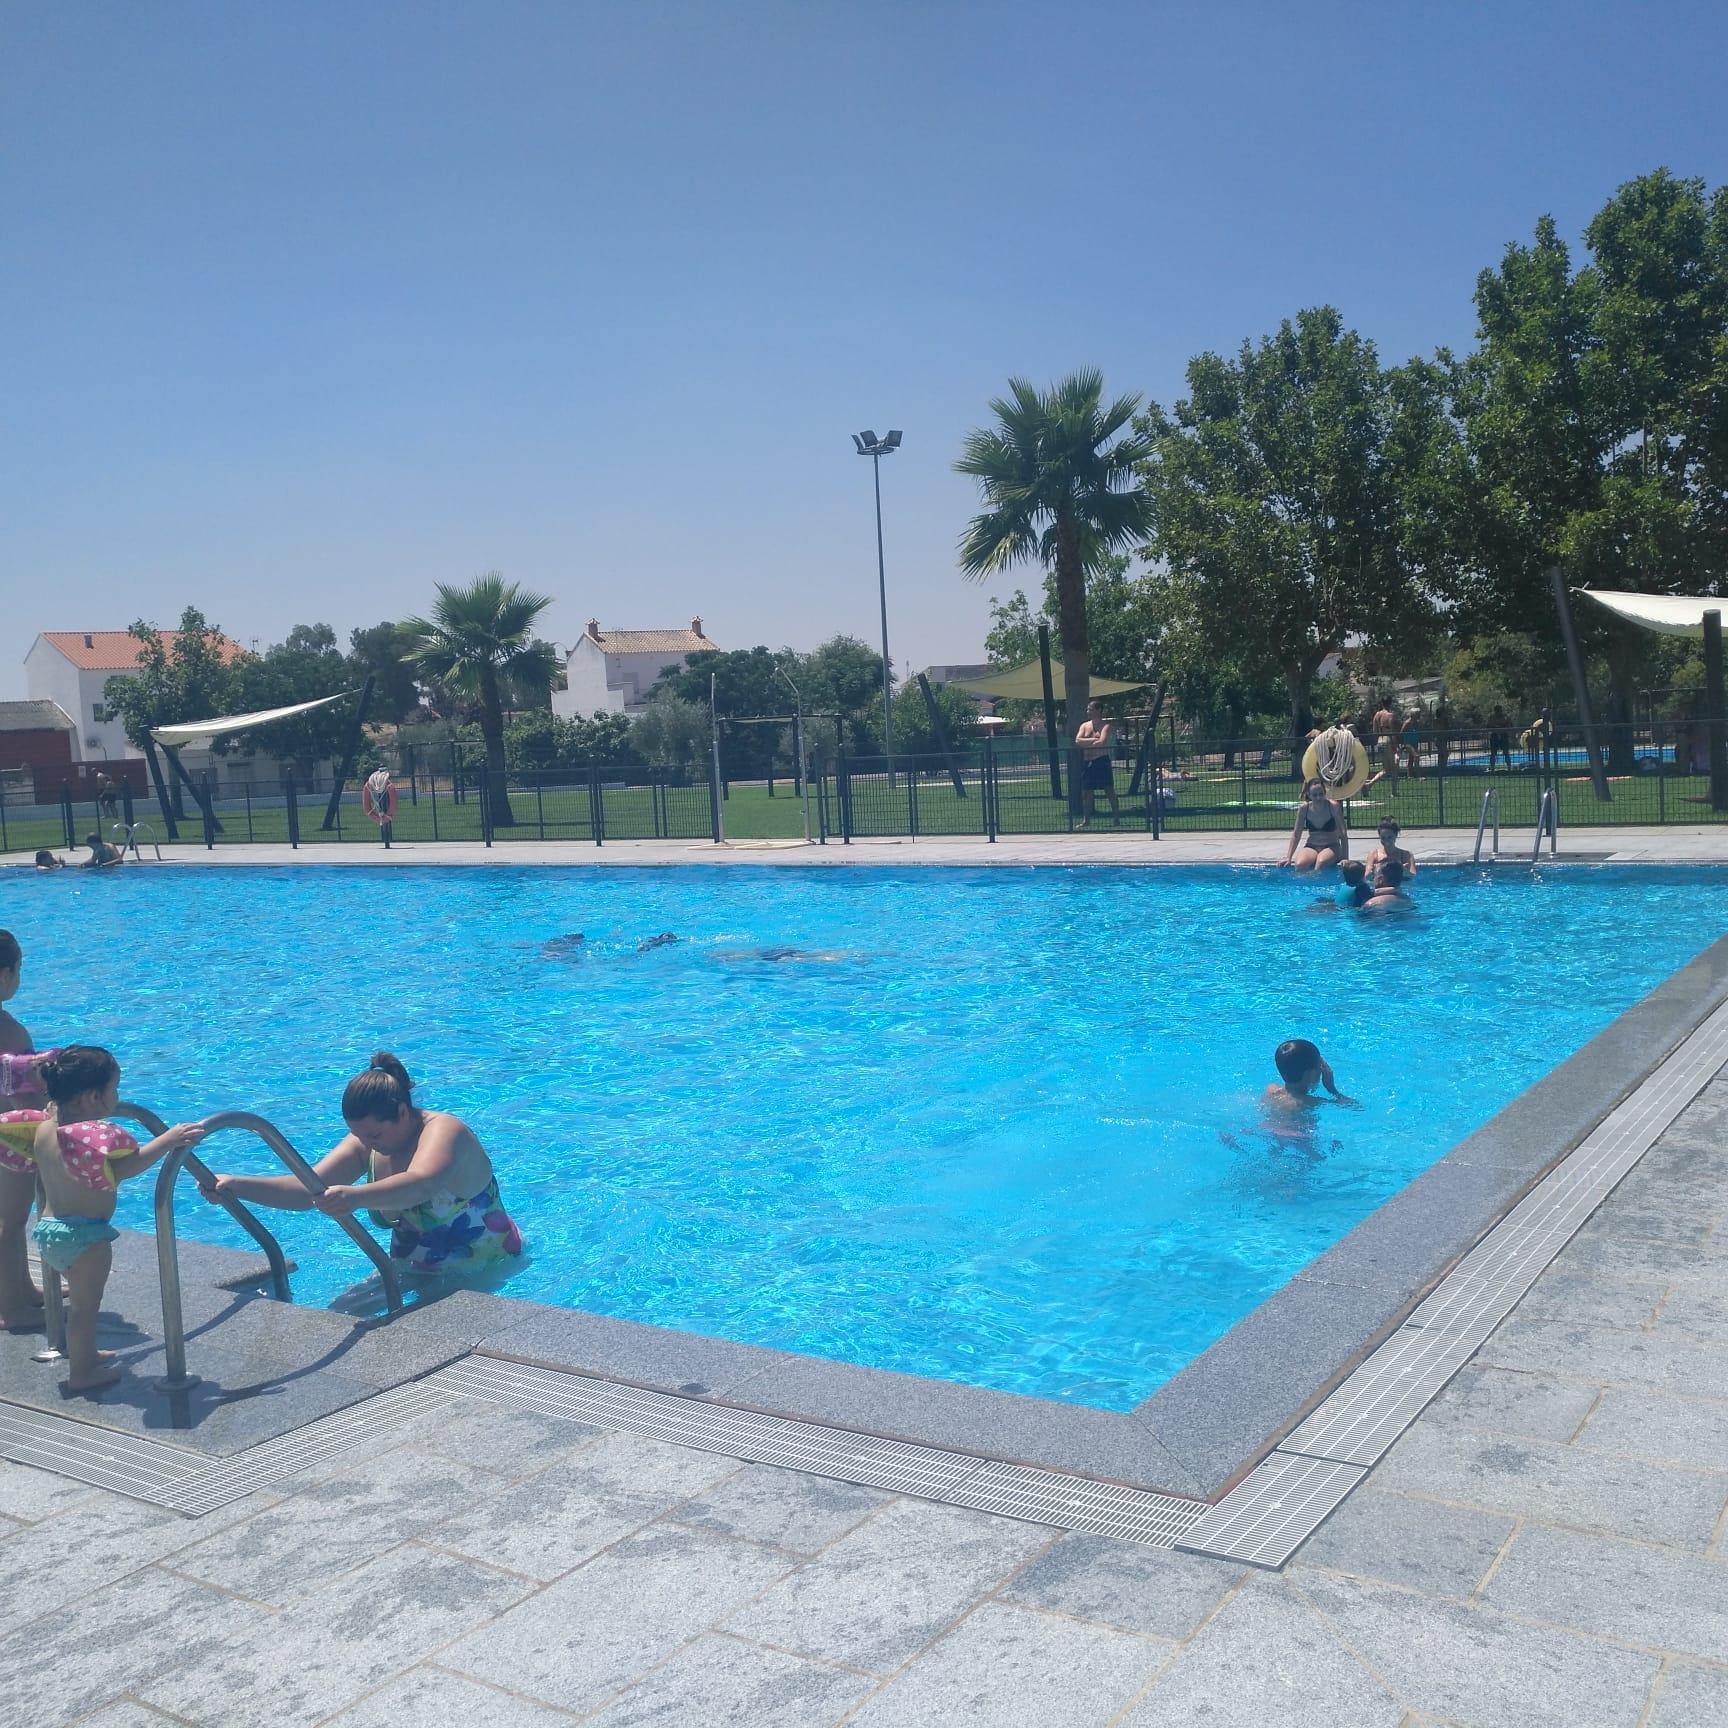 Más de 6.000 bañistas de dentro y fuera de Quintana han disfrutado de la piscina durante este verano